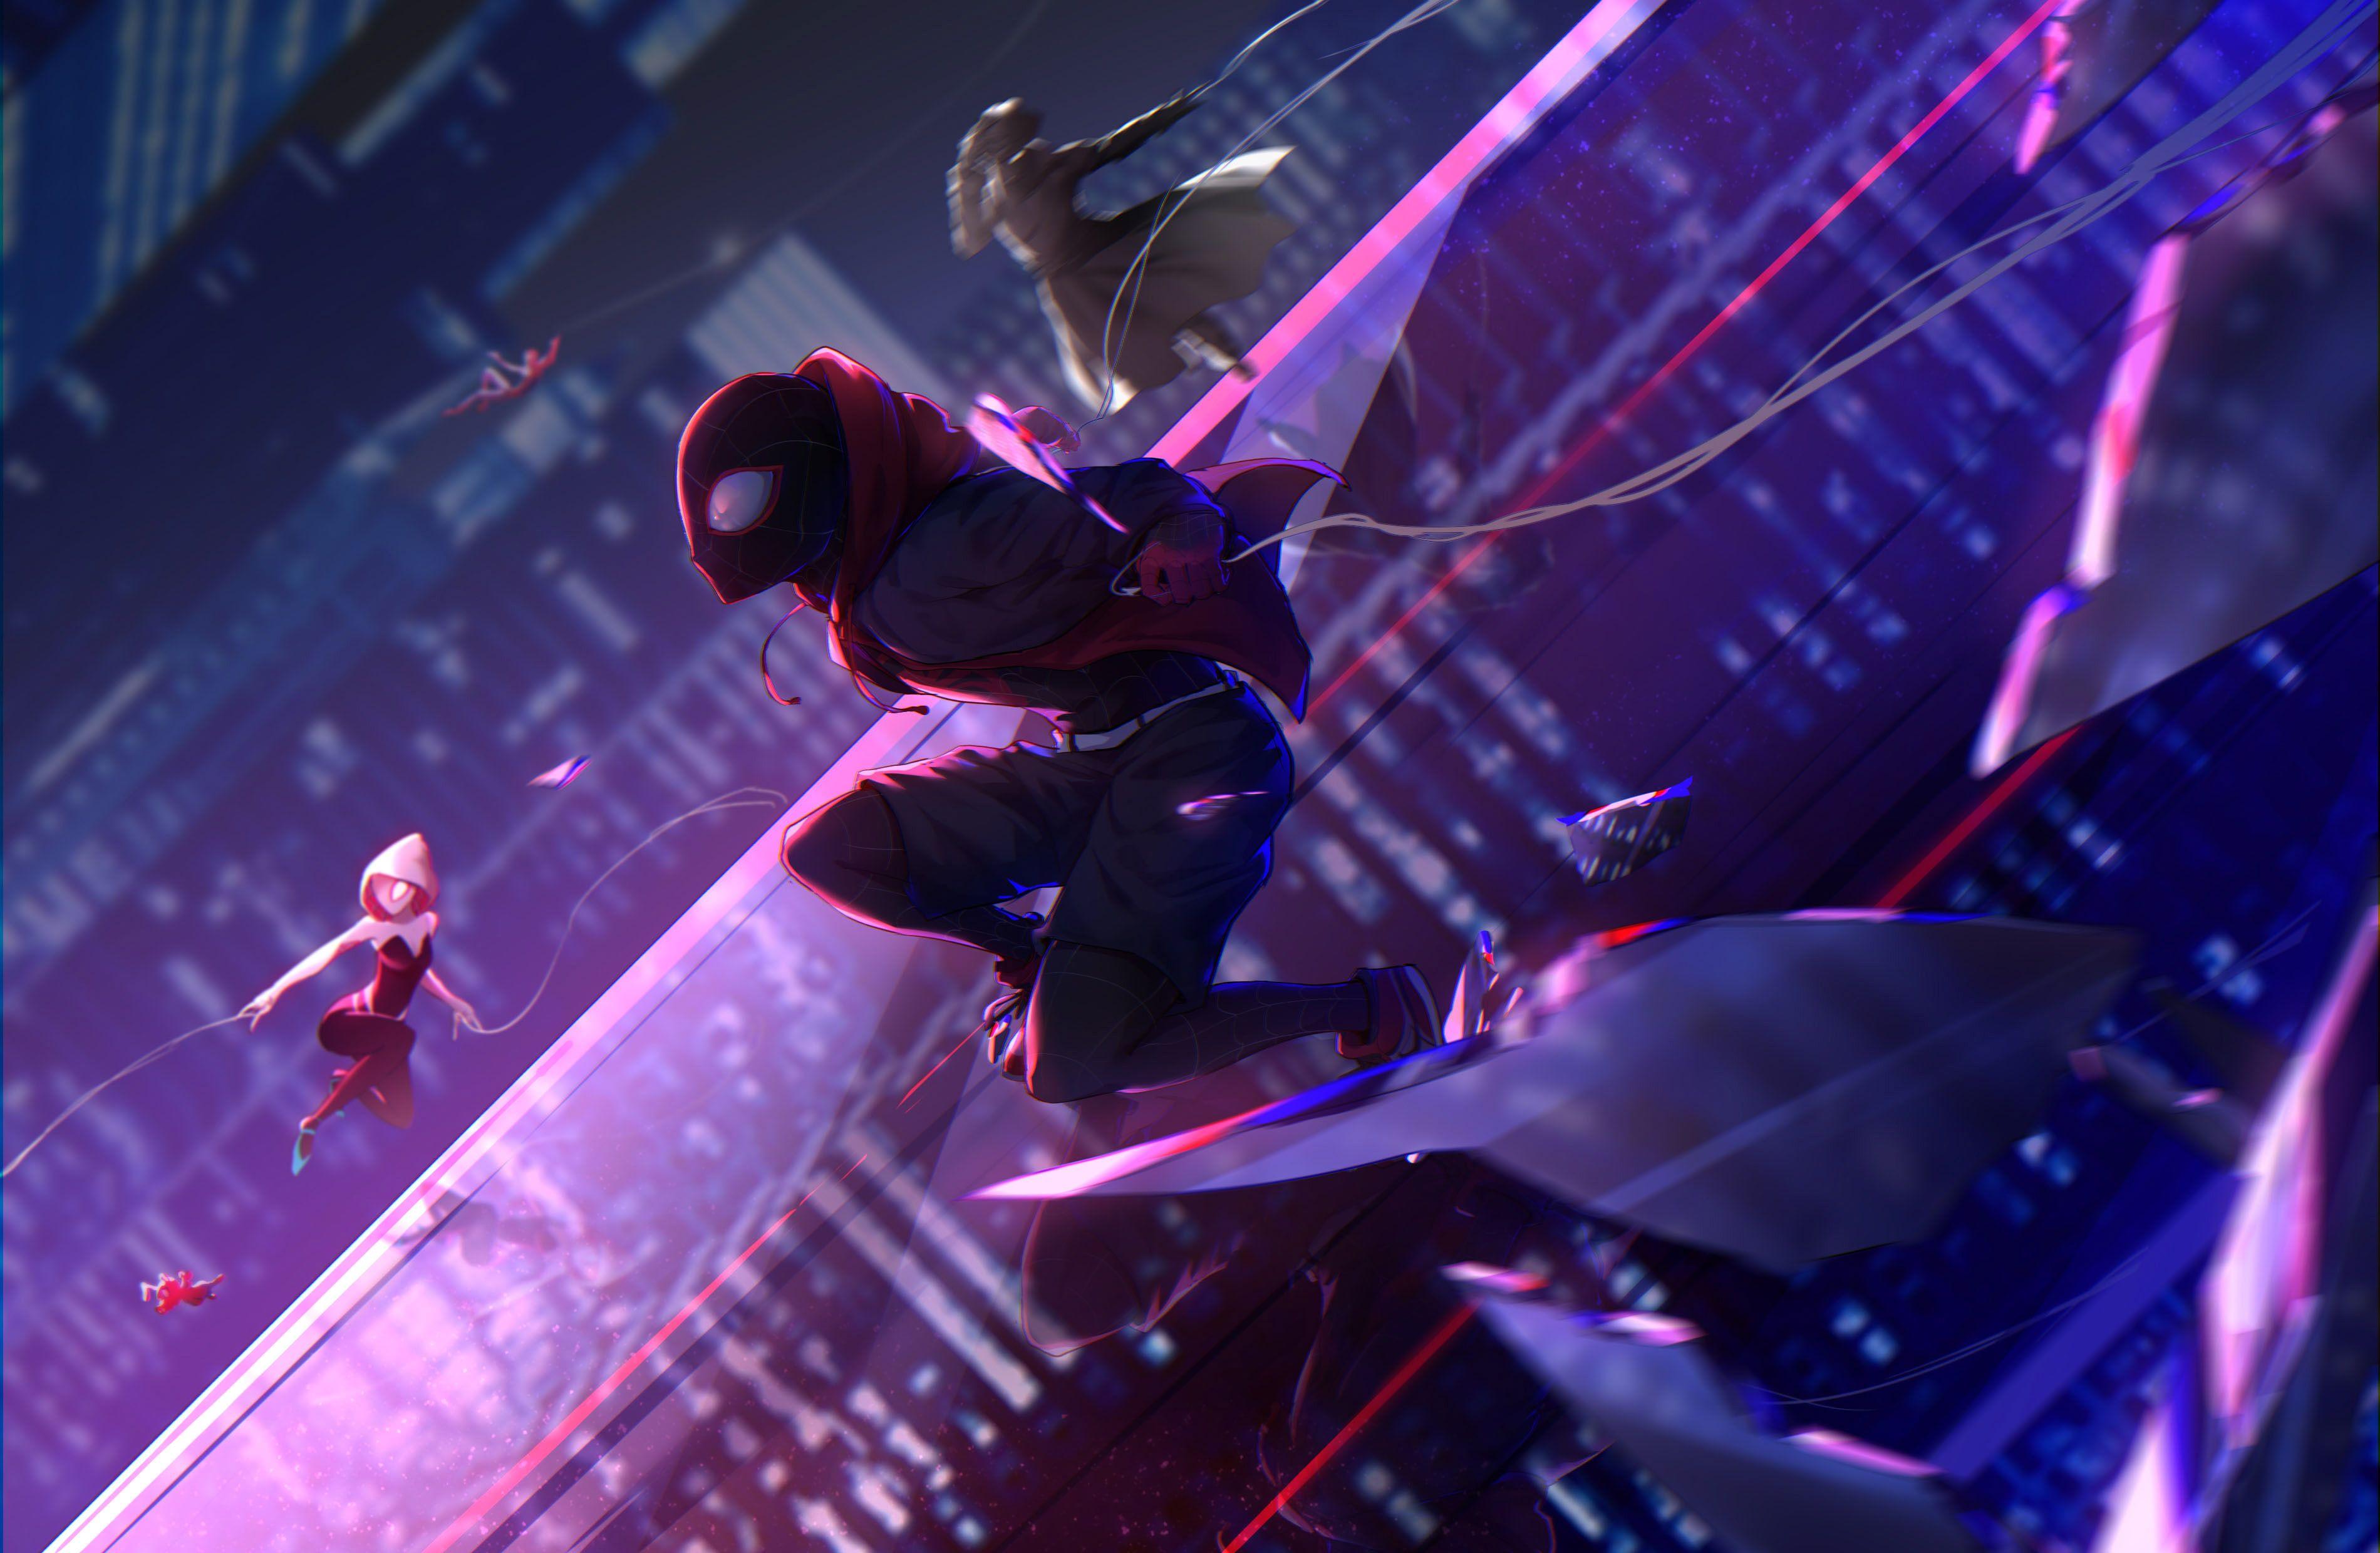 Movie Spider Man Into The Spider Verse Miles Morales 2k Wallpaper Hdwallpaper Into The Spider Verse Wallpaper Spider Verse Wallpaper Into The Spider Verse